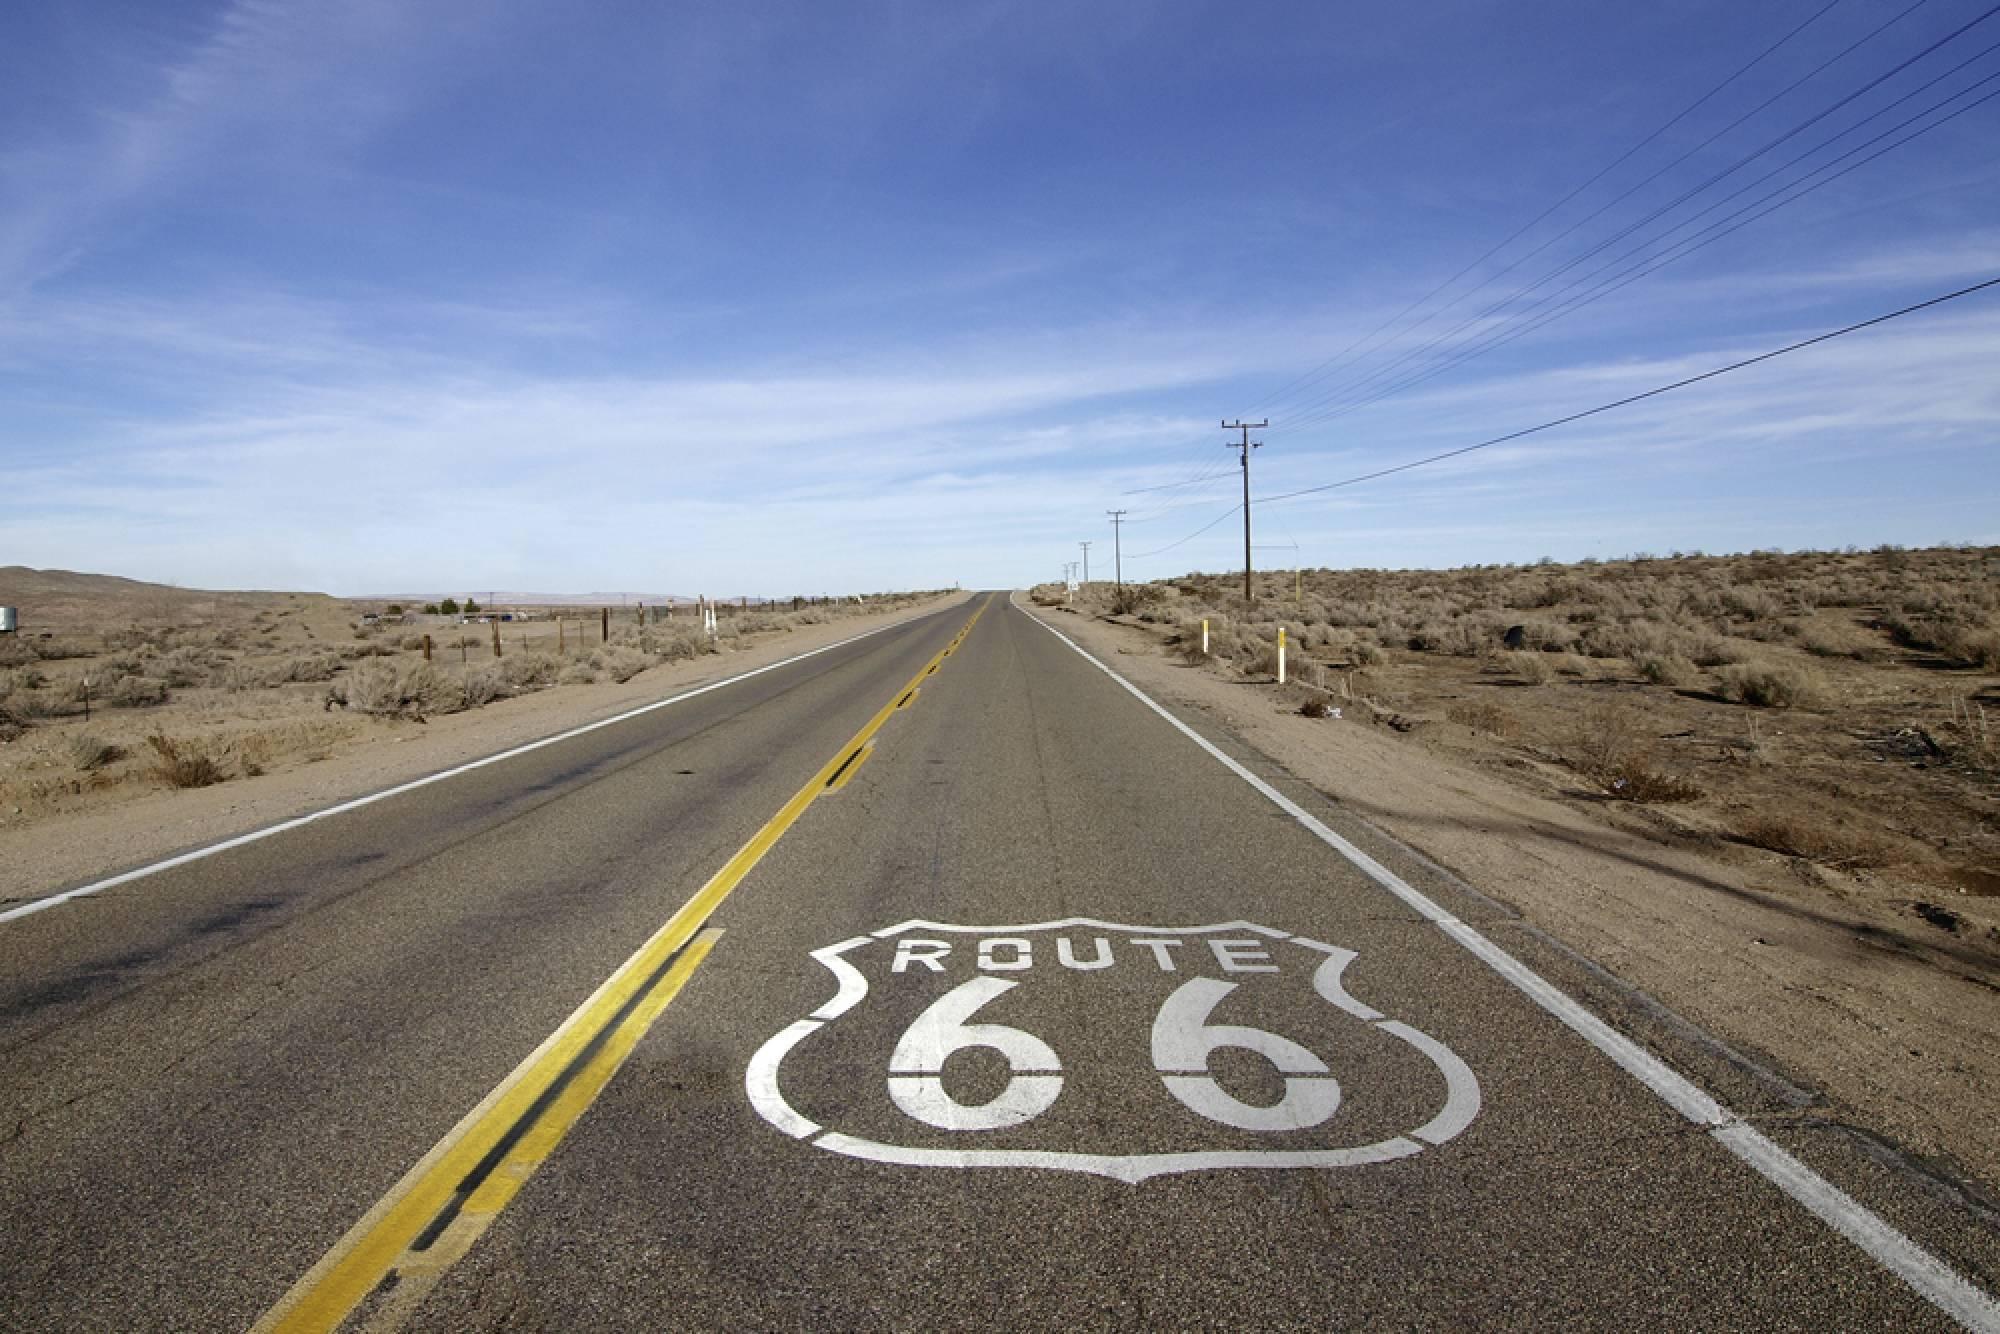 ROUTE 66 - BEZSTAROSTNÁ JAZDA (FLY & DRIVE)